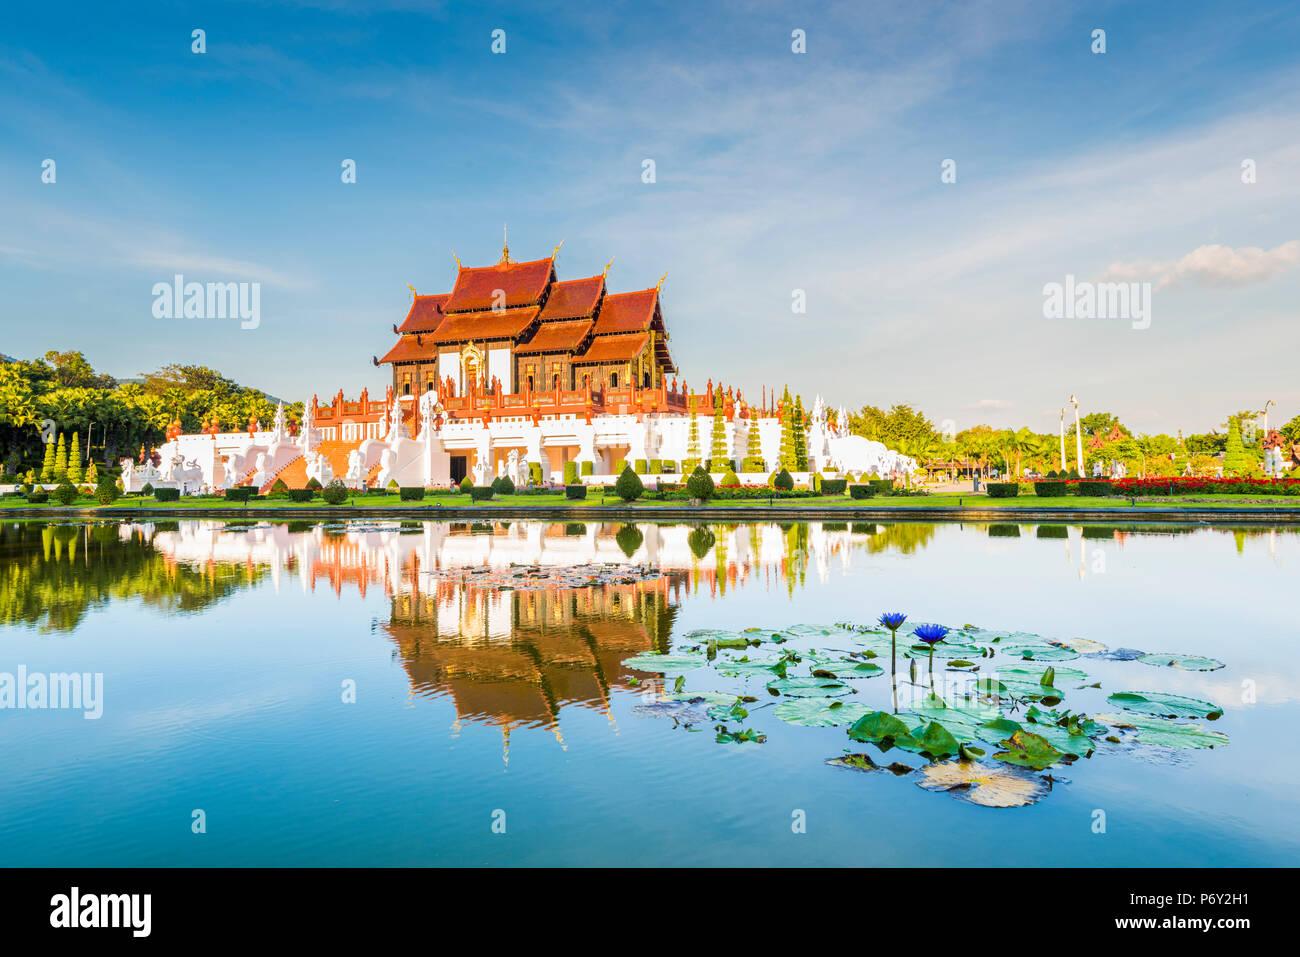 Royal Park Rajapruek, Chiang Mai, Thaïlande. Royal Pavilion au coucher du soleil. Photo Stock